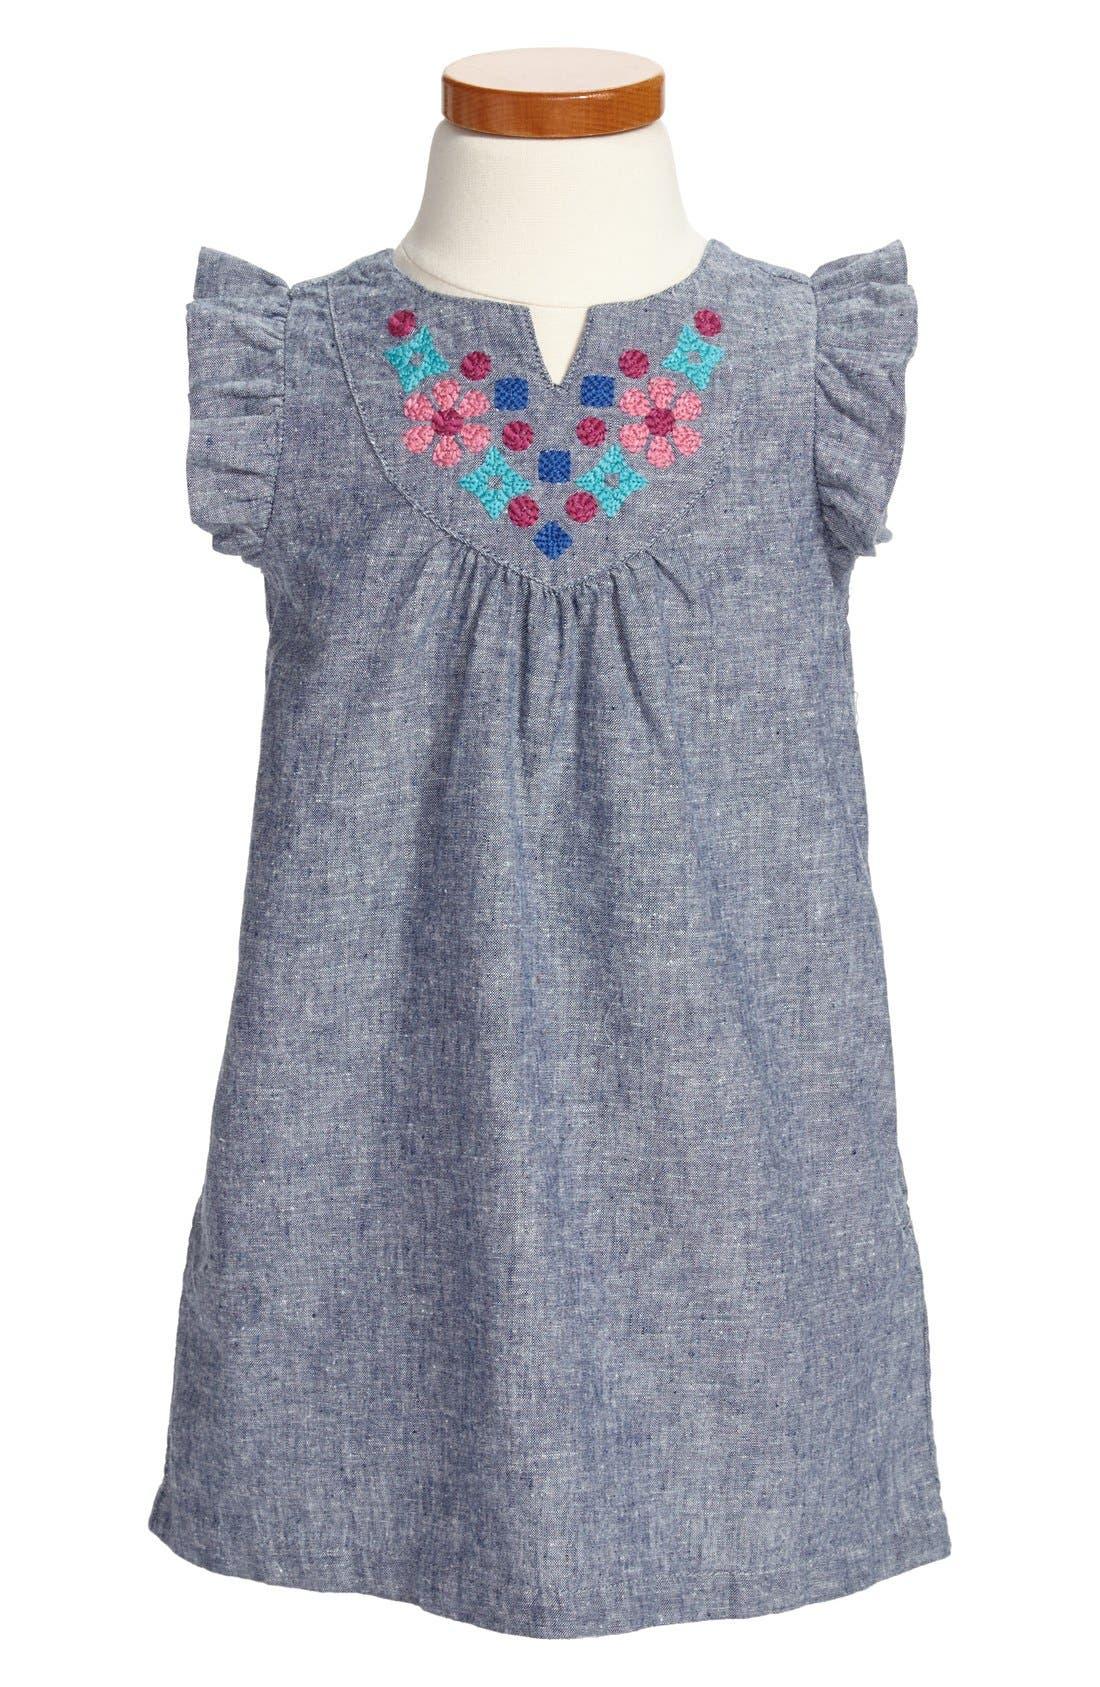 Main Image - Tea Collection 'Zidana' Dress (Little Girls & Big Girls)